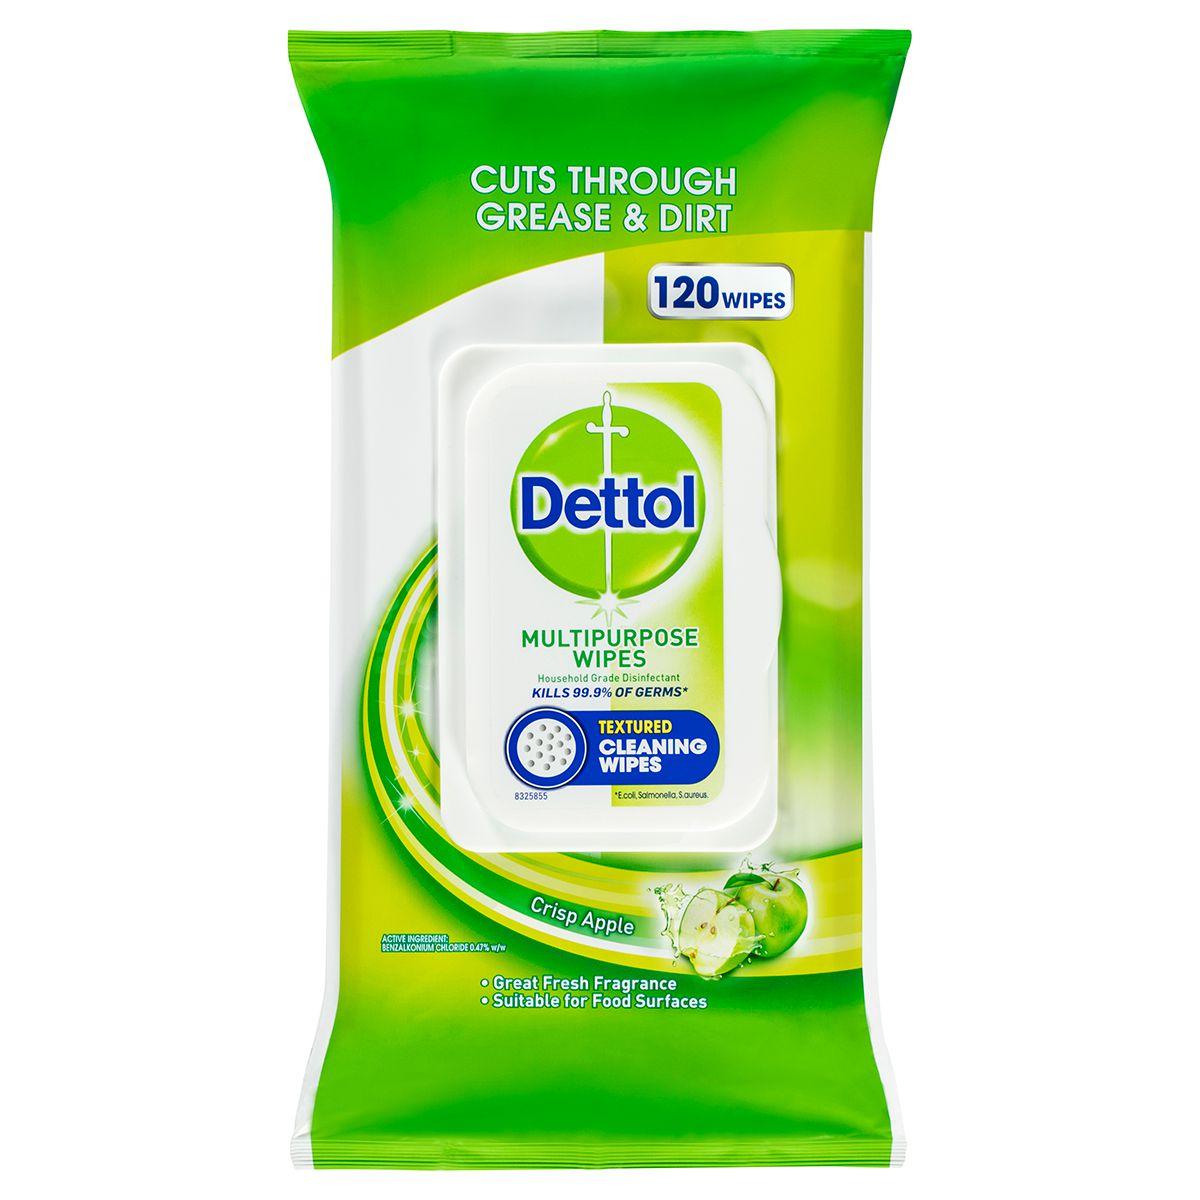 Dettol Multipurpose Wipes Crisp Apple 120 pack